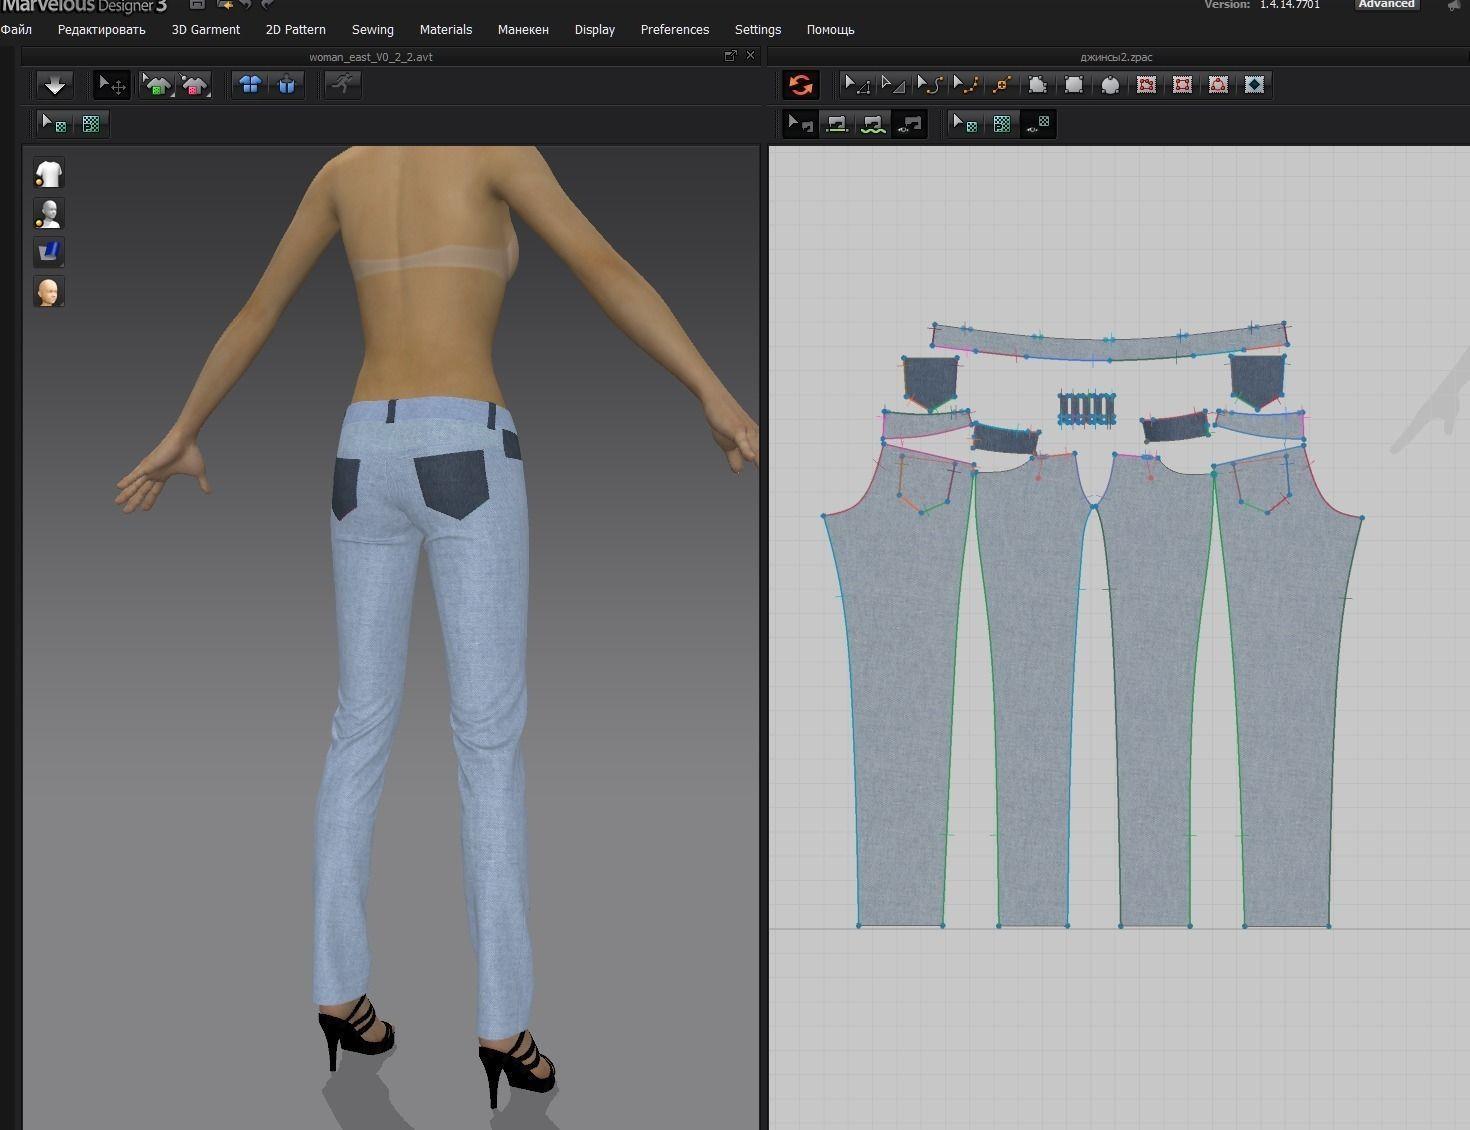 jeans marvelous designer v3 free 3d model zpac